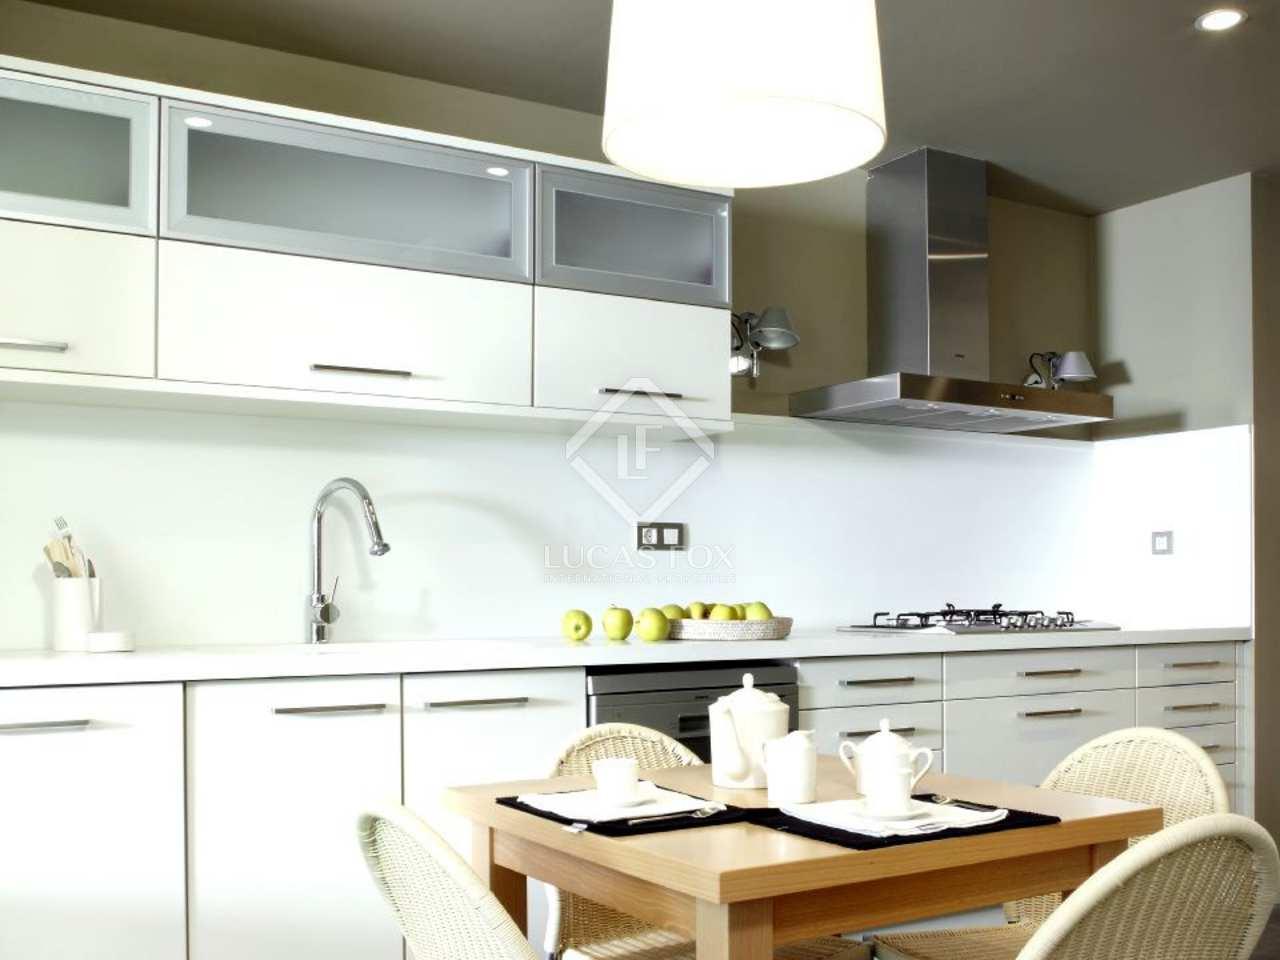 New build apartments for sale in barcelona 39 s zona alta - Zona alta barcelona ...